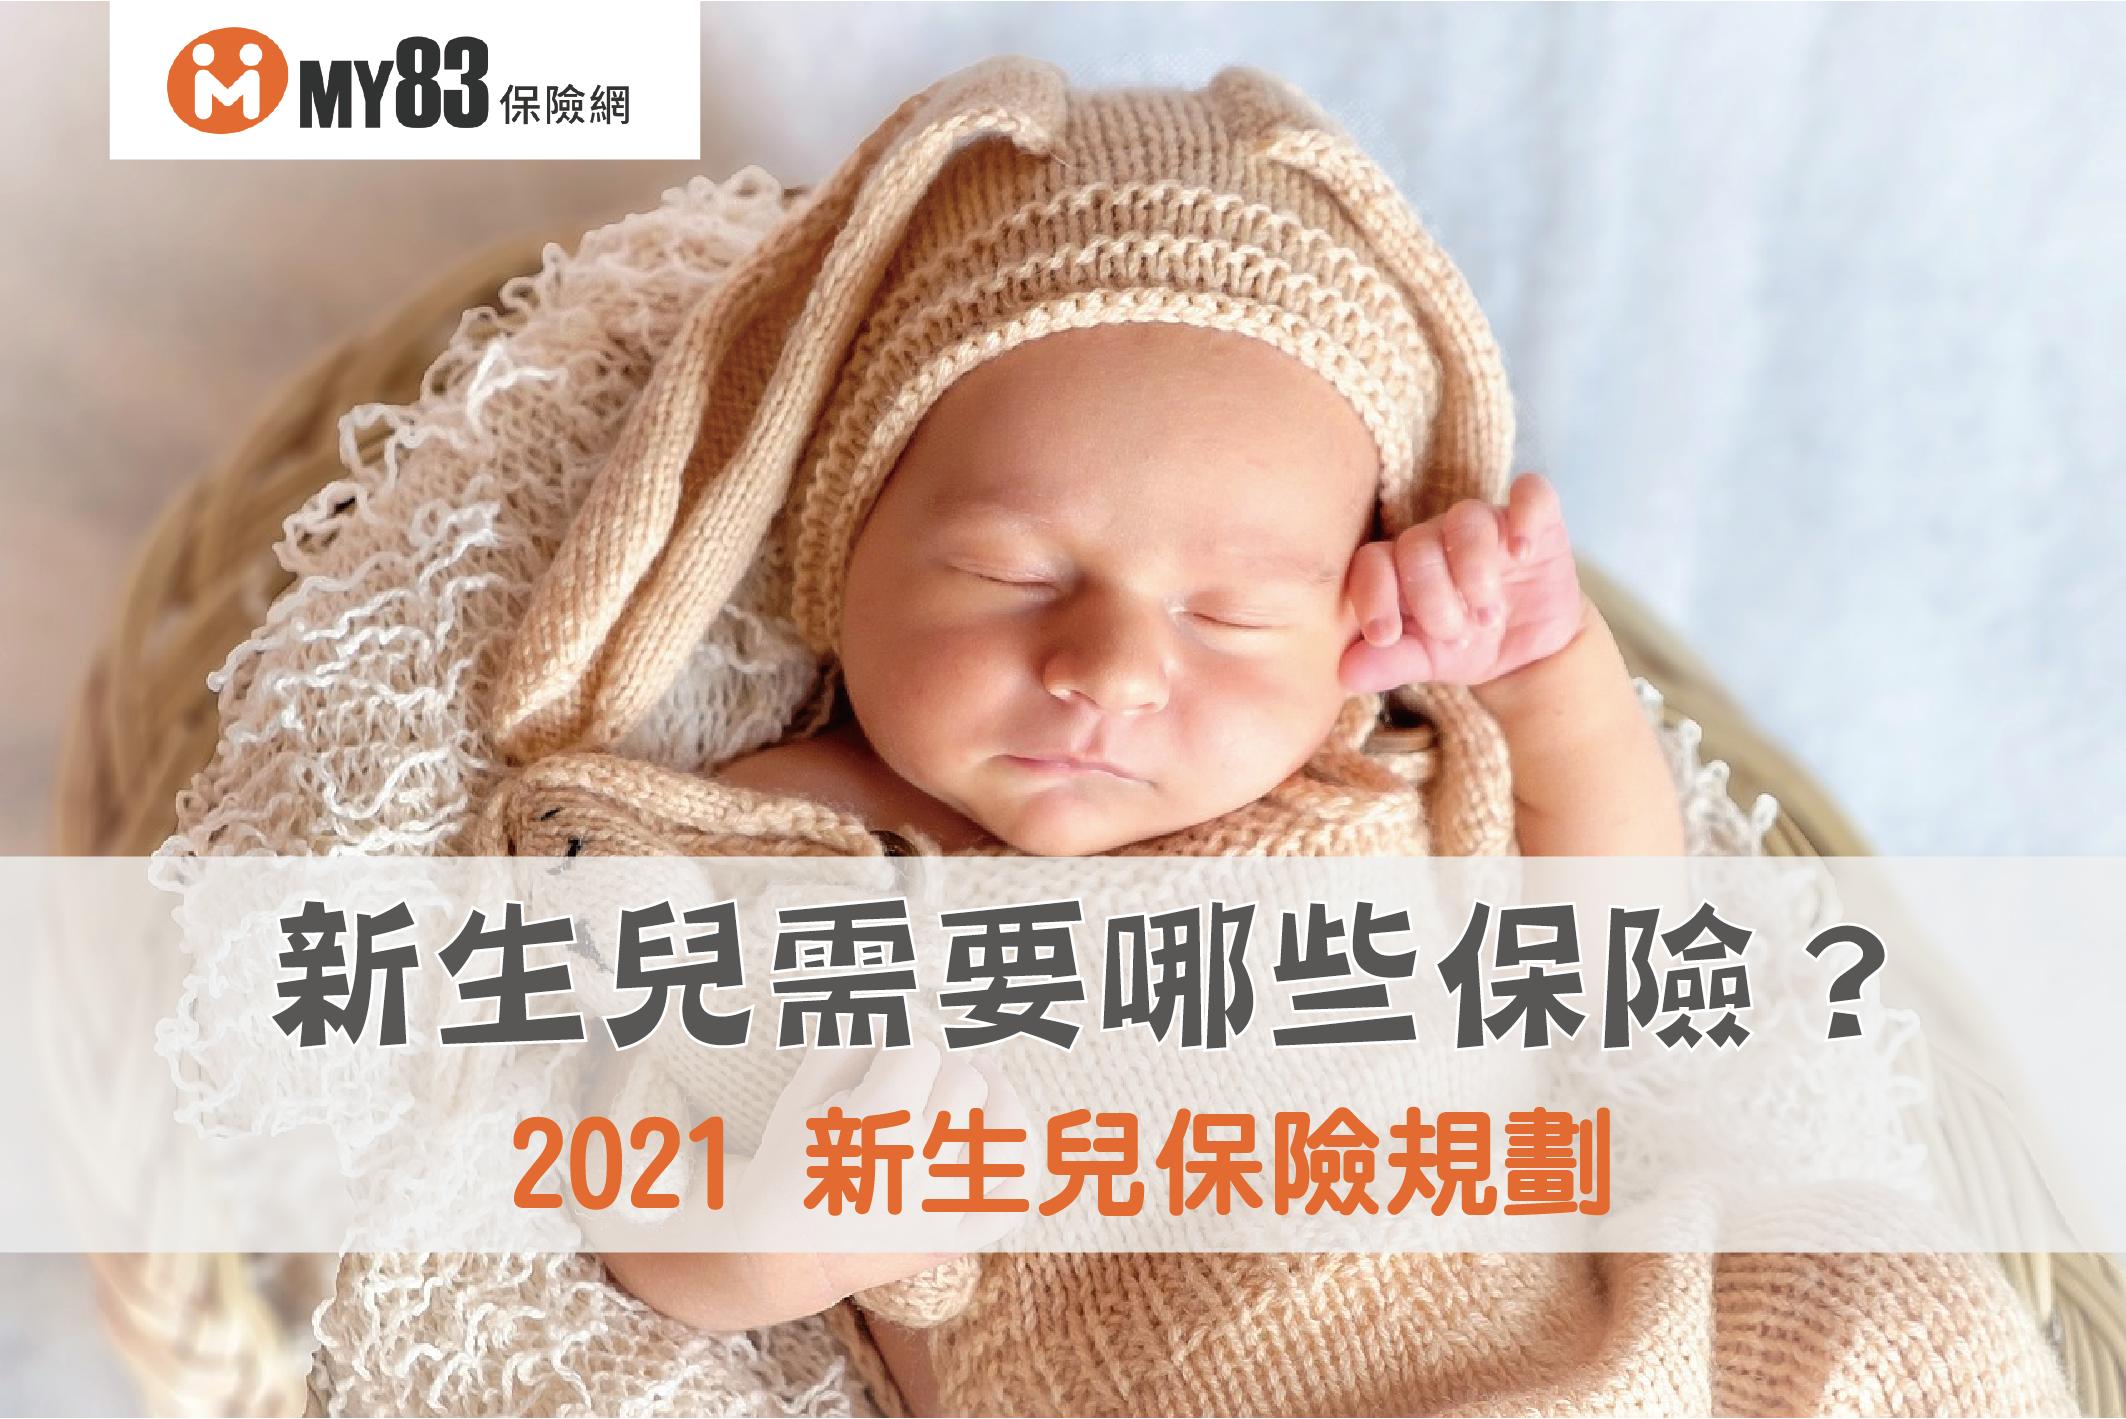 2021新生兒保險規劃 新生兒需要哪些保險?寶寶出生時有黃疸怎麼辦?